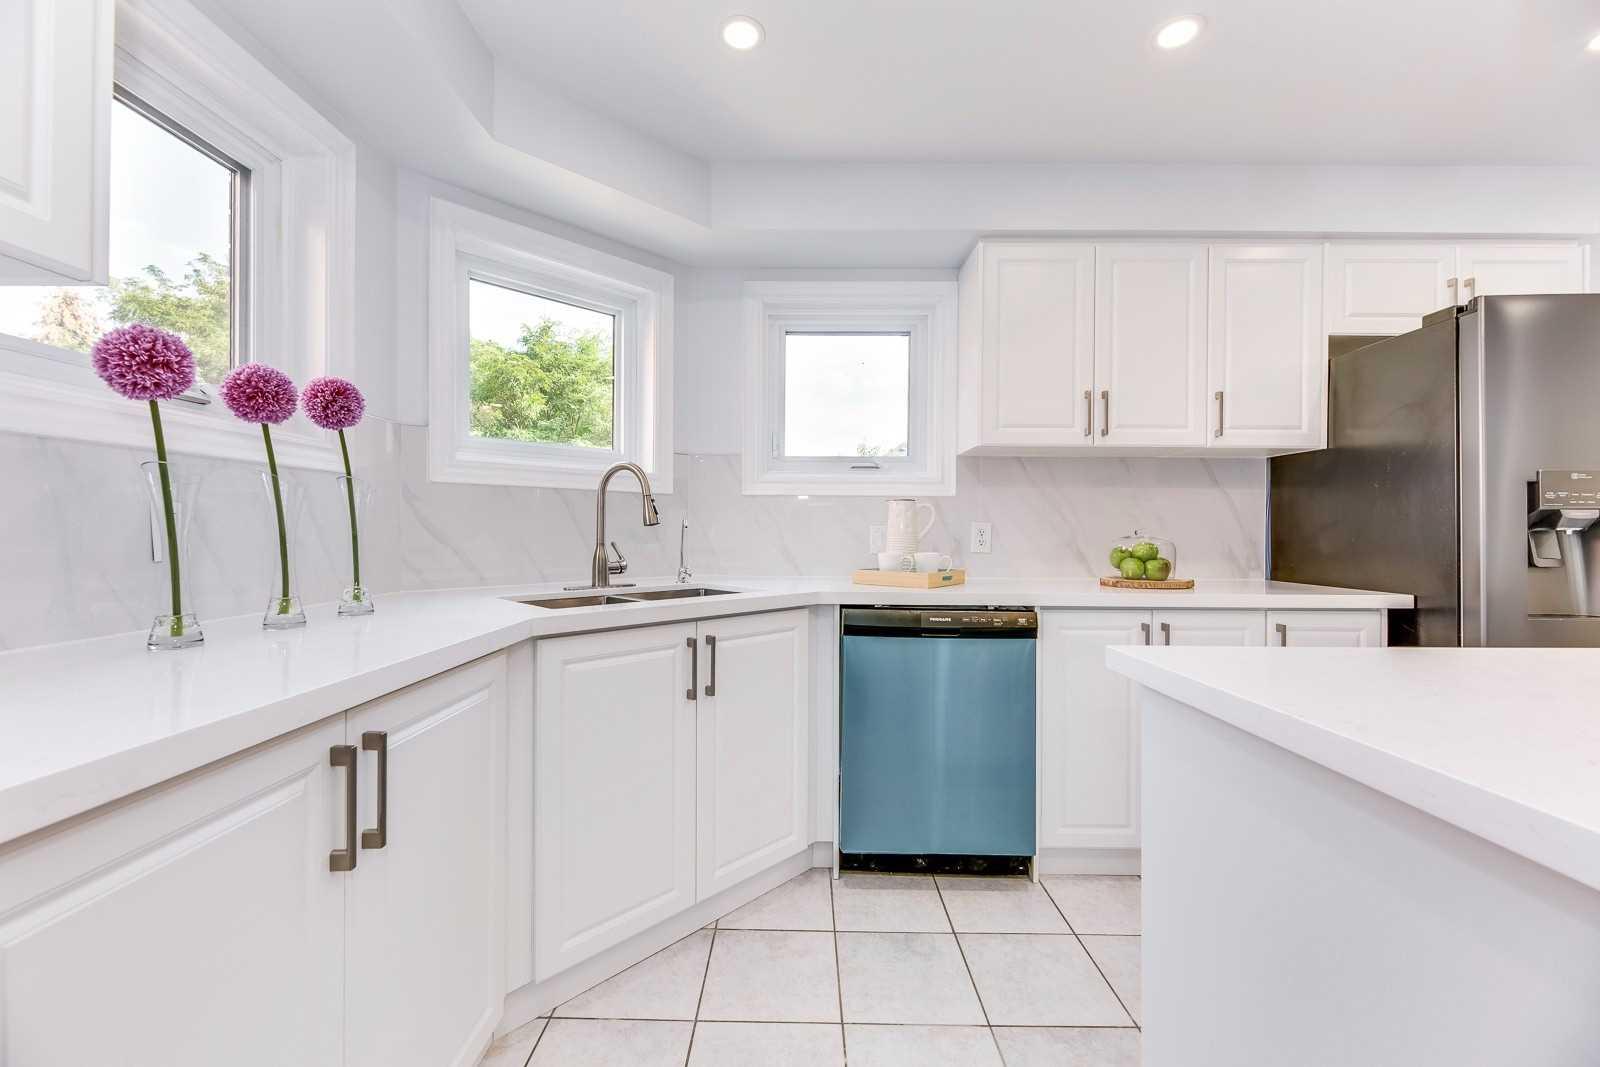 Detached house For Sale In Oakville - 200 Lexington Rd, Oakville, Ontario, Canada L6H6L6 , 4 Bedrooms Bedrooms, ,4 BathroomsBathrooms,Detached,For Sale,Lexington